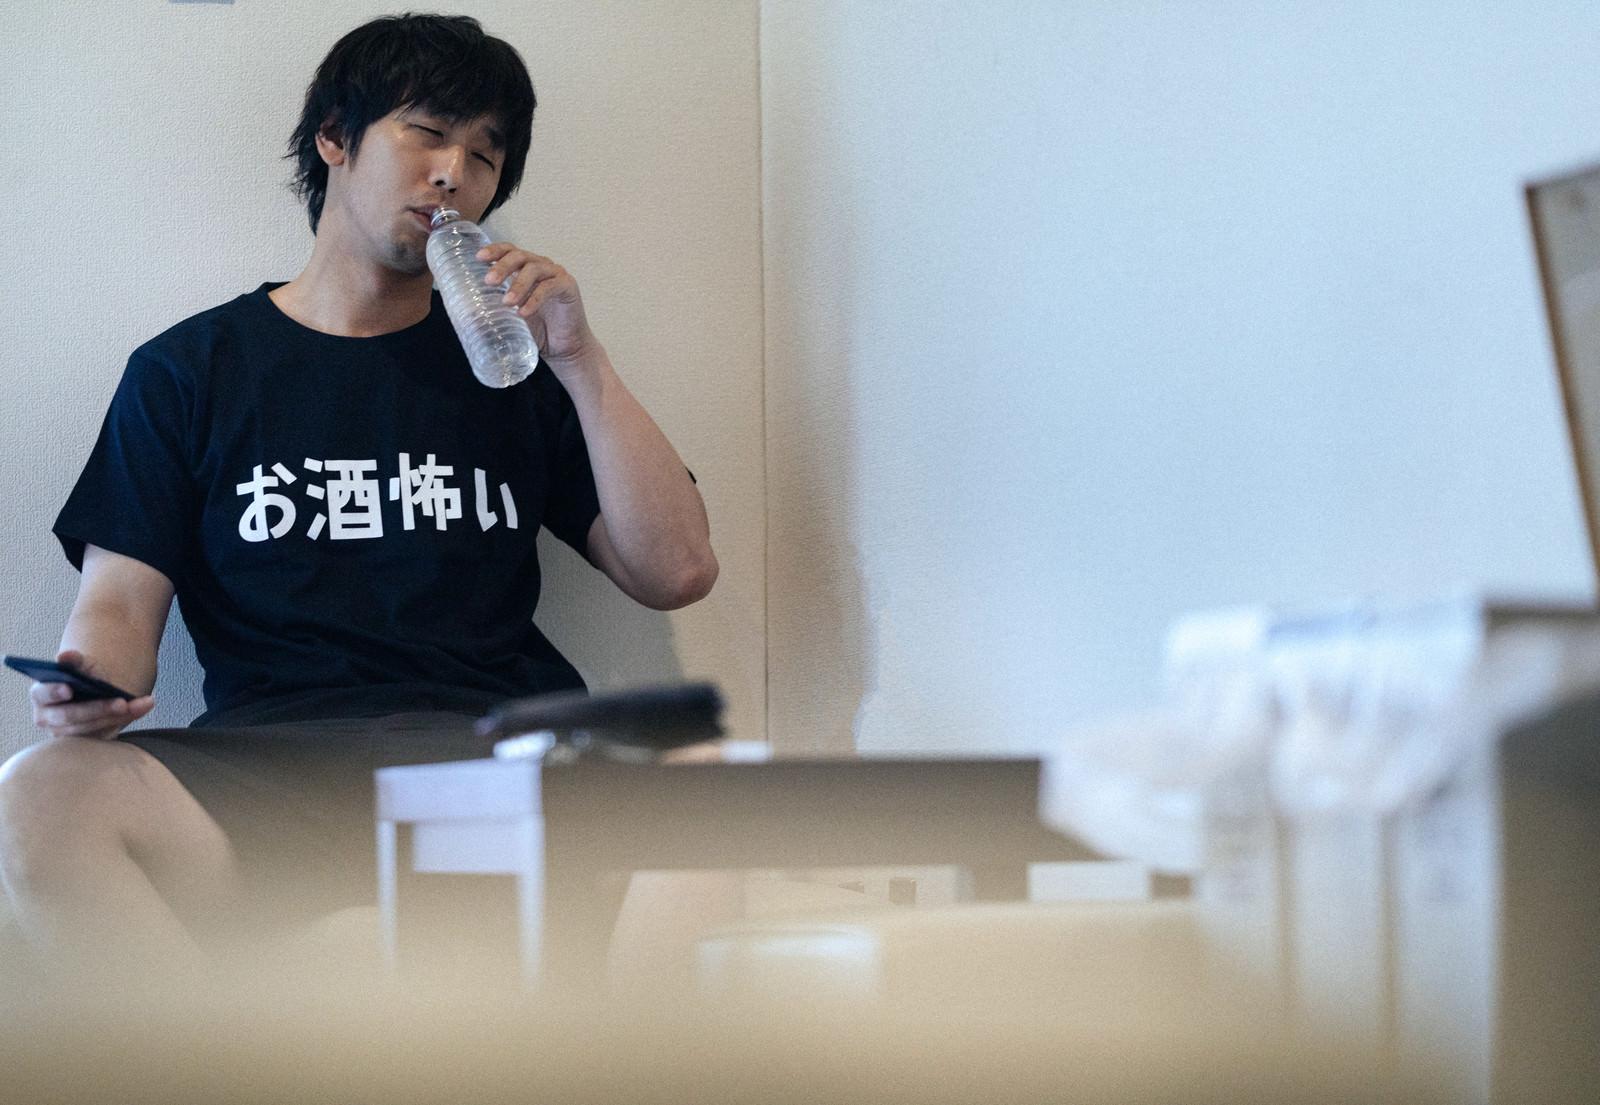 「二日酔い対策には水分補給」の写真[モデル:大川竜弥]